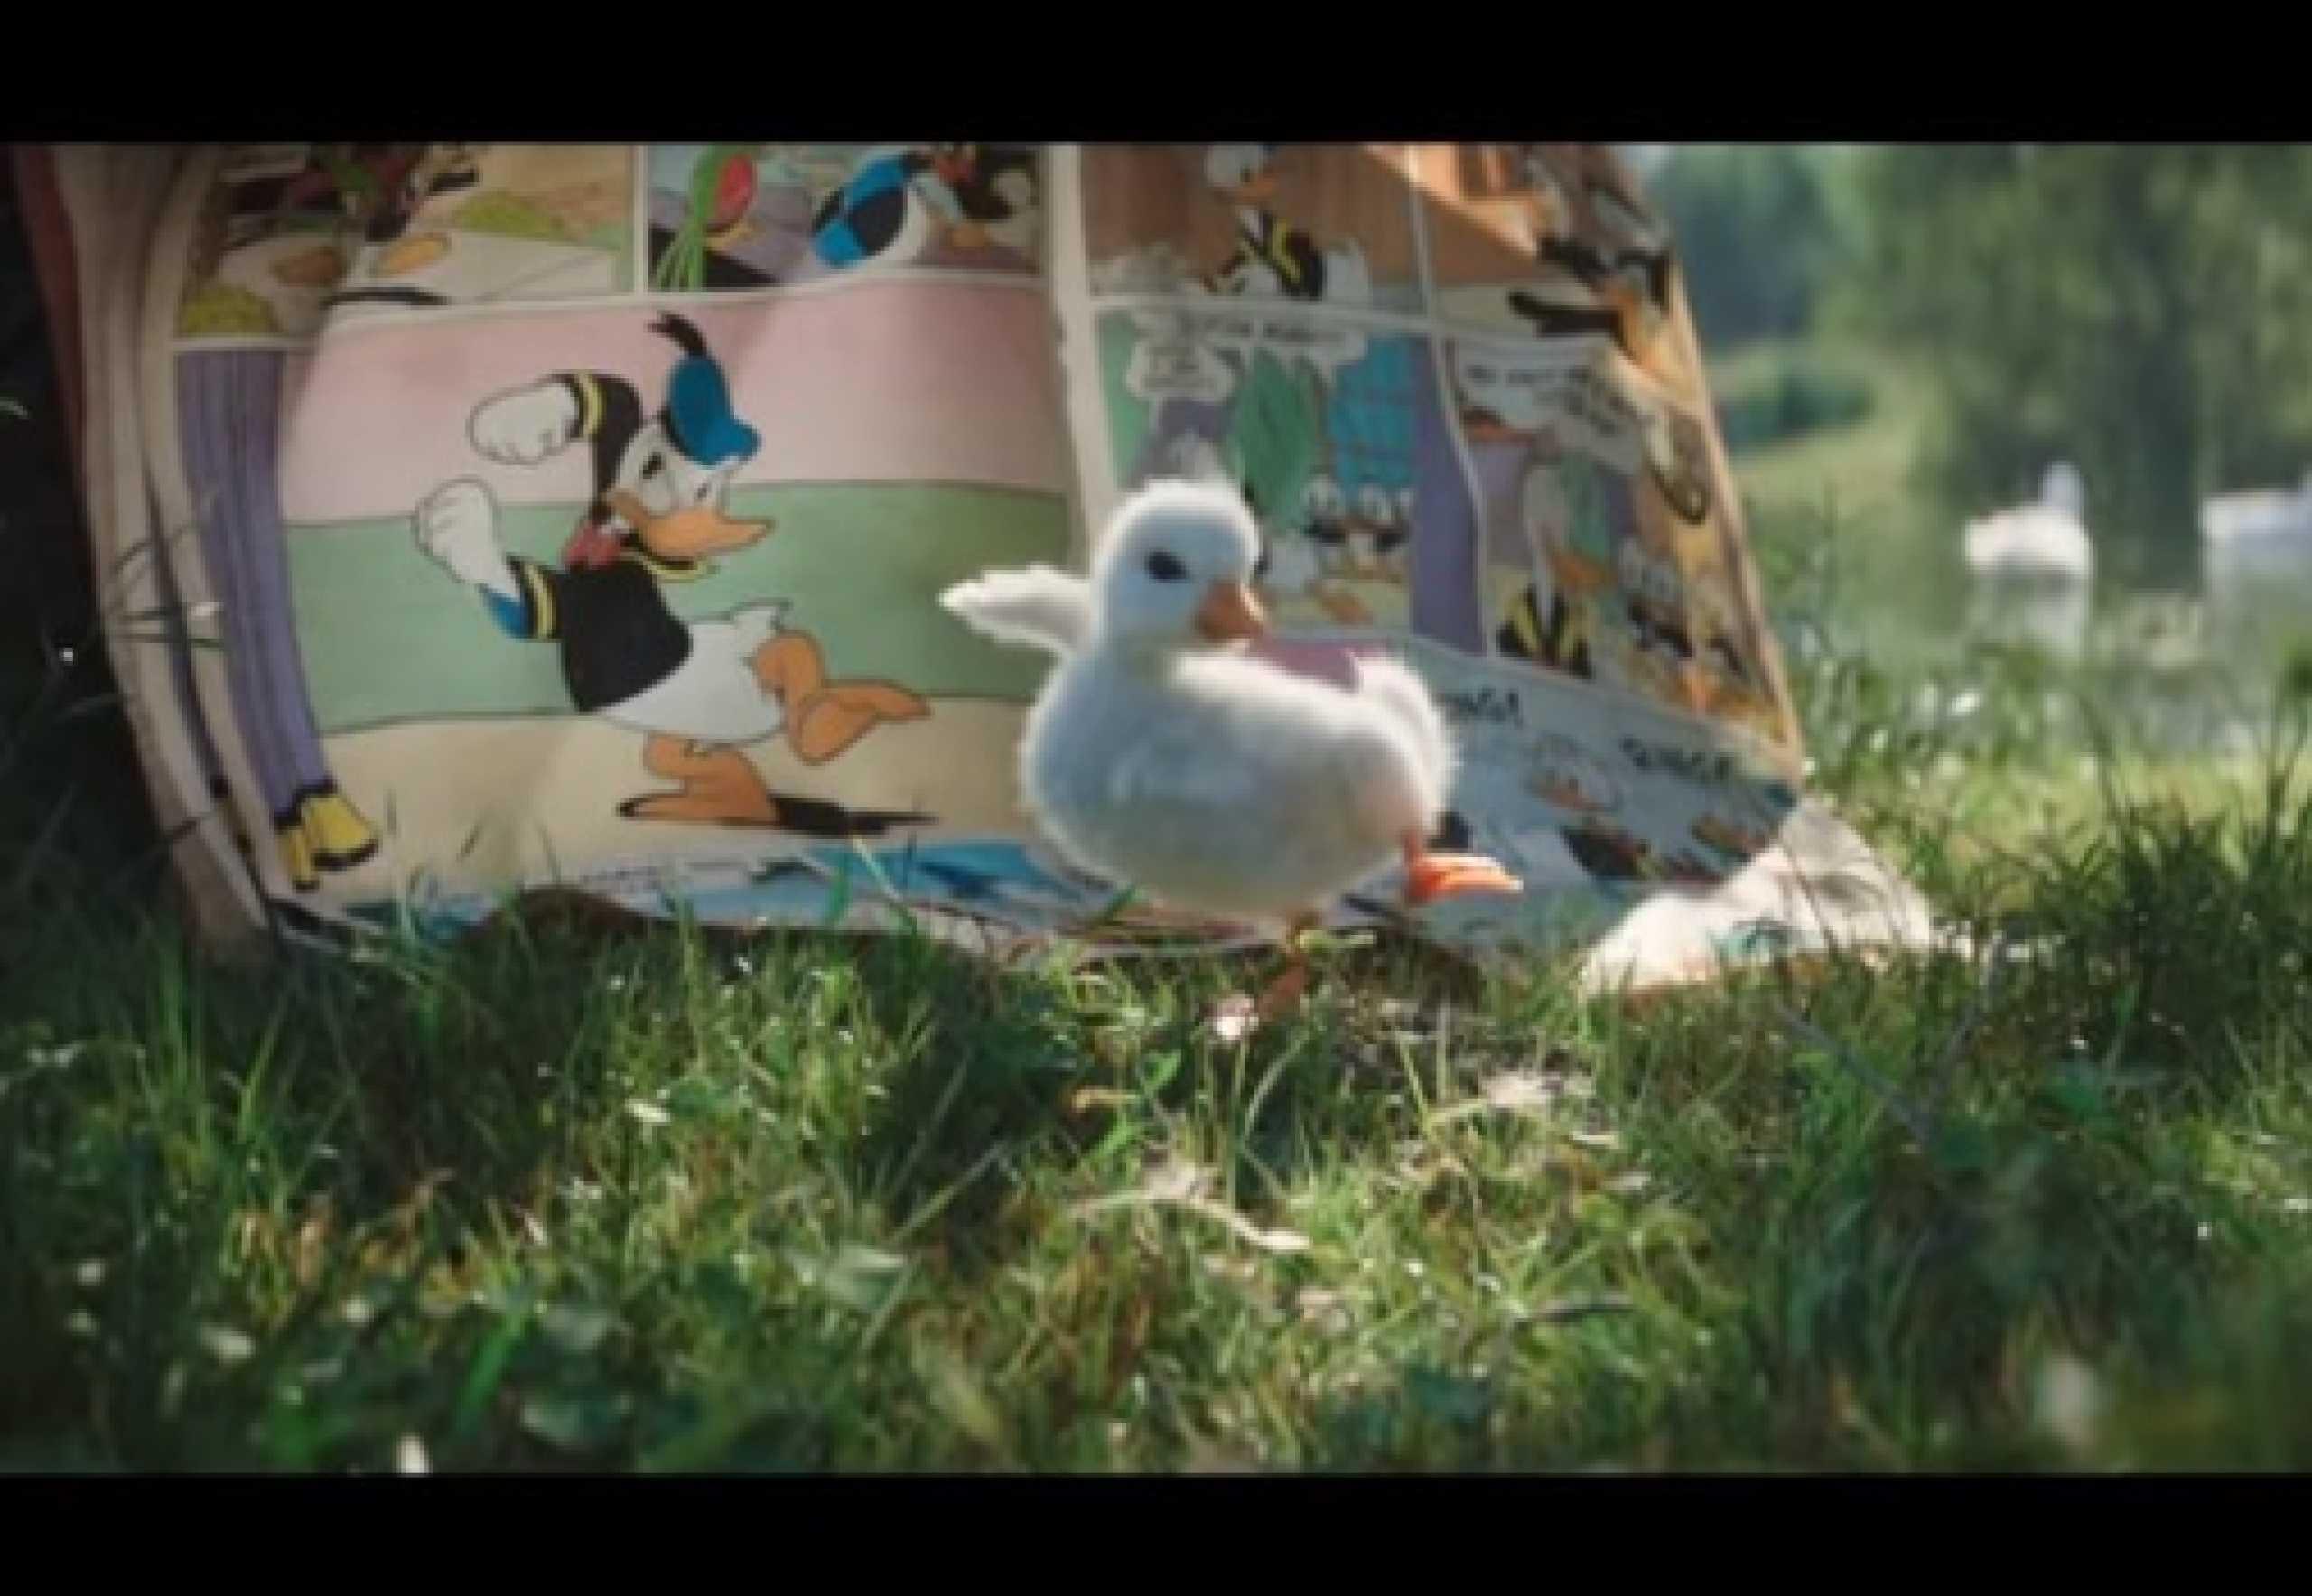 O pato que queria ser como o Pato Donald. O novo protagonista da Disney